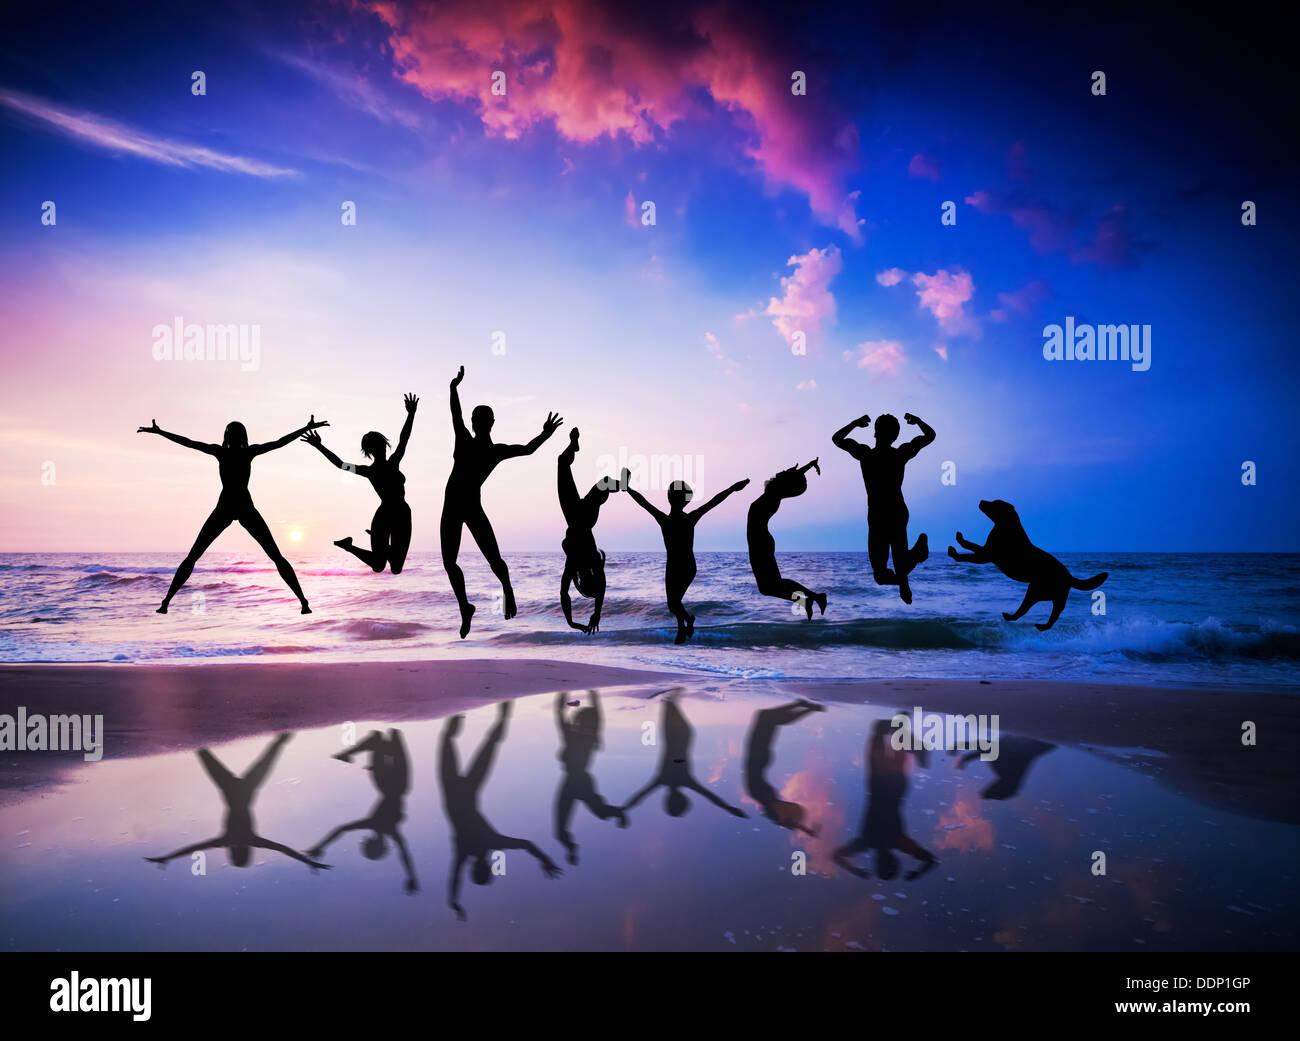 Le persone felici e cane jumping insieme sulla spiaggia al tramonto Immagini Stock